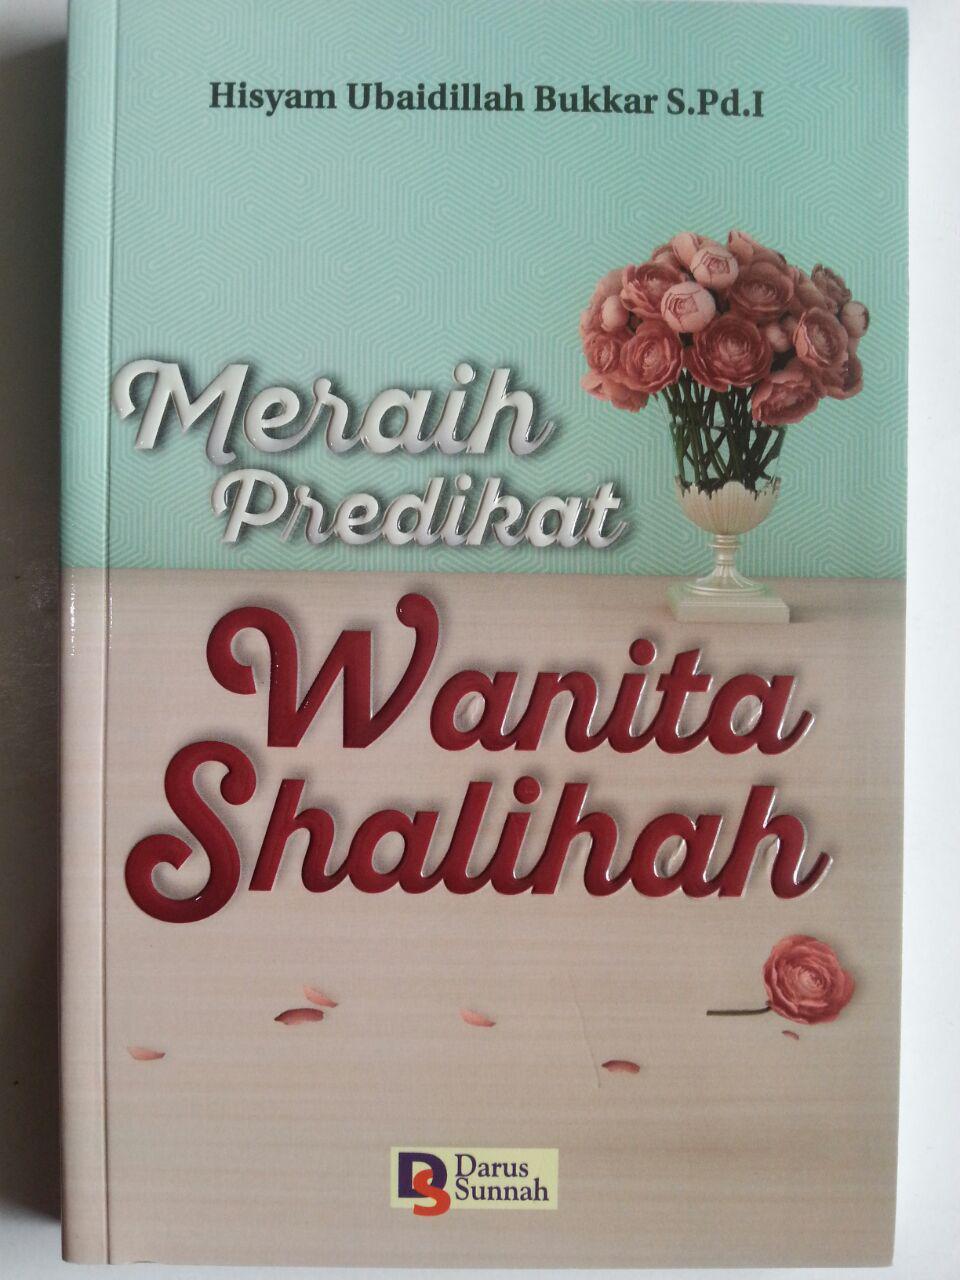 Buku Meraih Predikat Wanita Shalihah cover 2